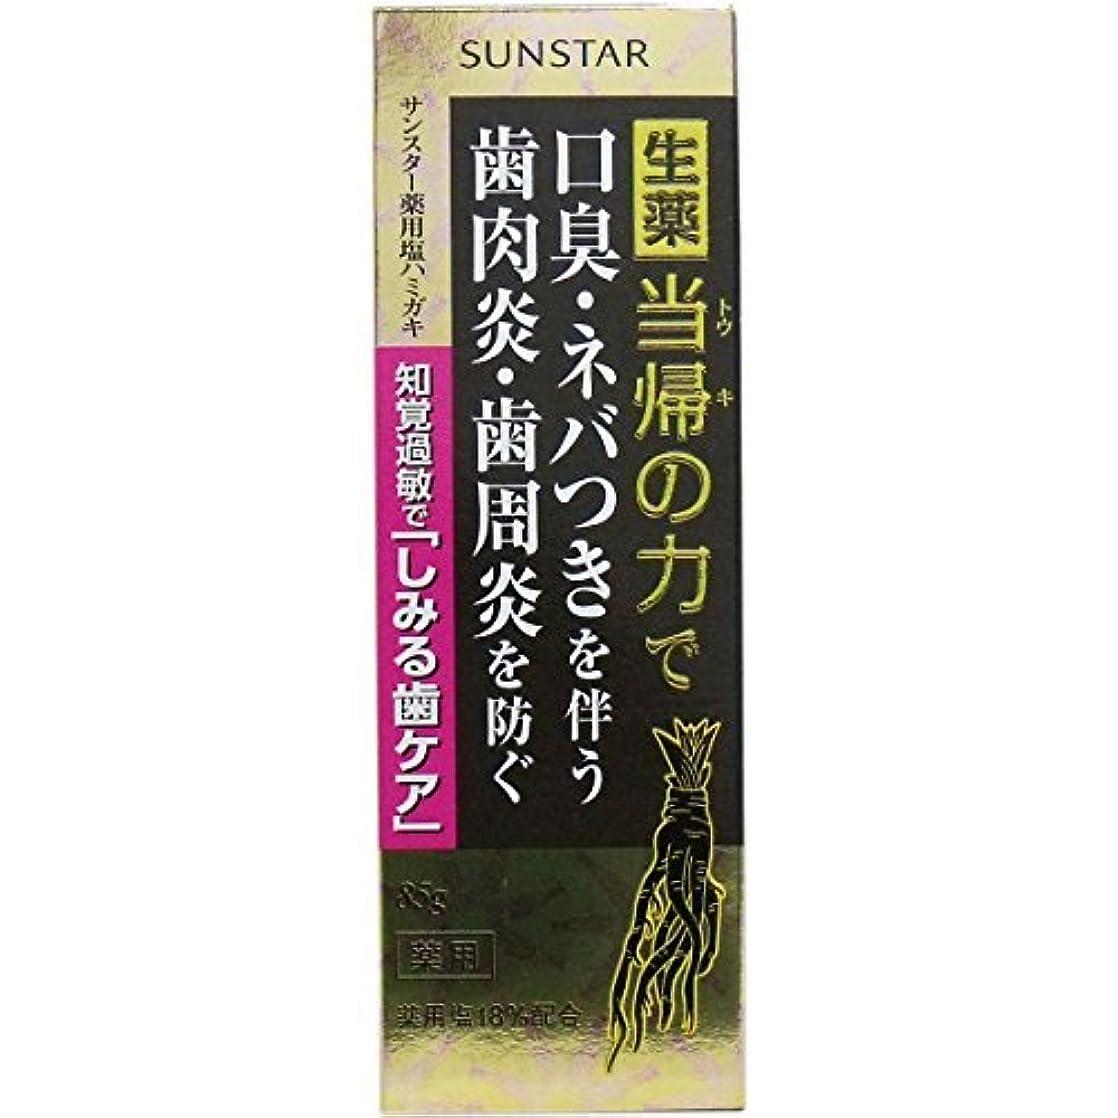 ウナギチキンハグサンスター薬用塩ハミガキしみる歯ケア 85G [医薬部外品]